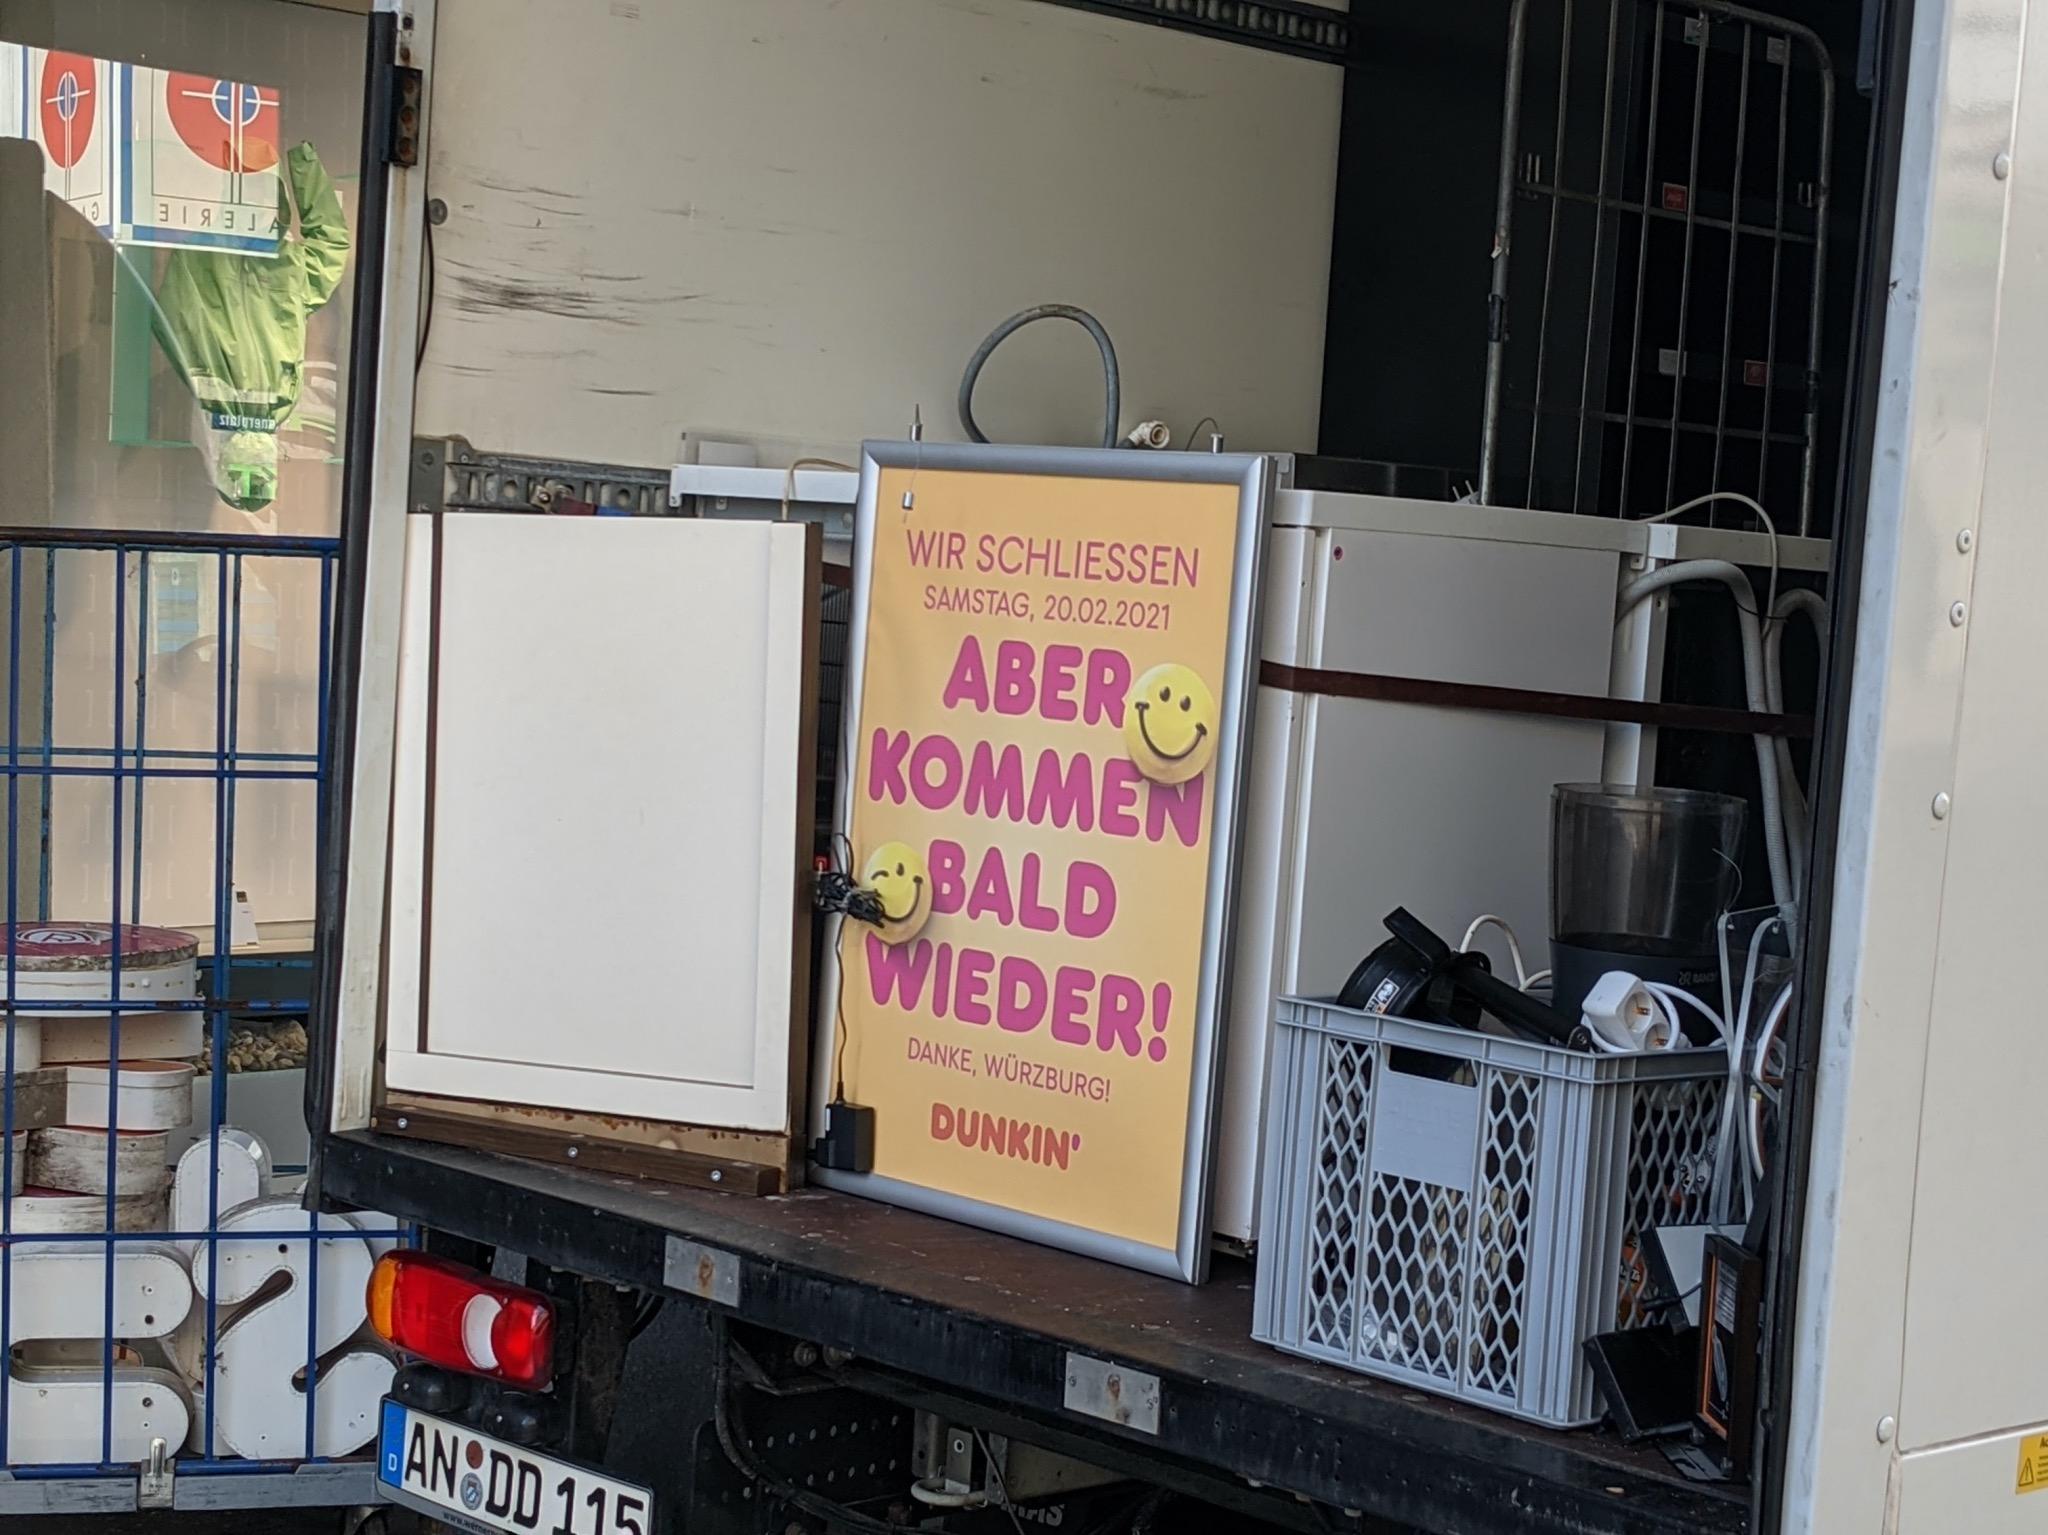 Dunkin' Donuts schließt - wohl aber nicht für immer: An einem anderen Standort soll es in Würzburg bald wieder Donuts geben. Foto: Christian J. Papay